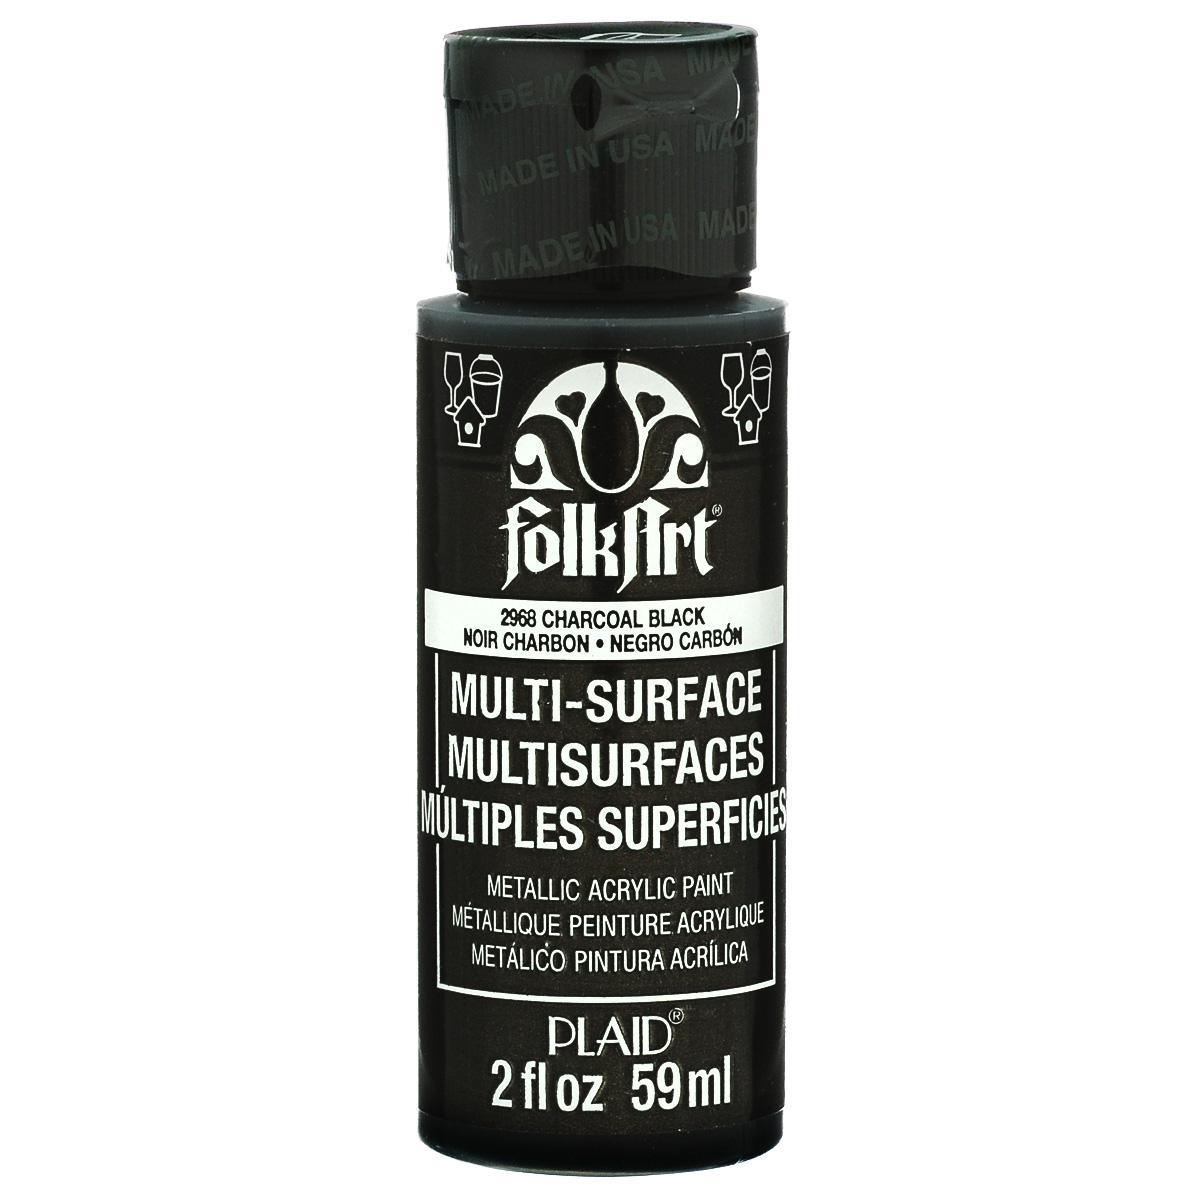 Краска акриловая FolkArt Multi-Surface Metallic, цвет: черный (2968), 59 млPLD-02968Краска акриловая FolkArt Multi-Surface Metallic - это прочная погодоустойчивая сатиновая краска с металлическим отливом. Не токсична, на водной основе. Предназначена для различных видов поверхностей: стекло, керамика, дерево, металл, пластик, ткань, холст, бумага, глина. Идеально подходит как для использования в помещении, так и для наружного применения. Изделия, покрытые такой краской, можно мыть в посудомоечной машине в верхнем отсеке. Перед применением краску необходимо хорошо встряхнуть. Краски разных цветов можно смешивать между собой. Перед повторным нанесением краски дать высохнуть в течении 1 часа. До высыхания может быть смыта водой с мылом.